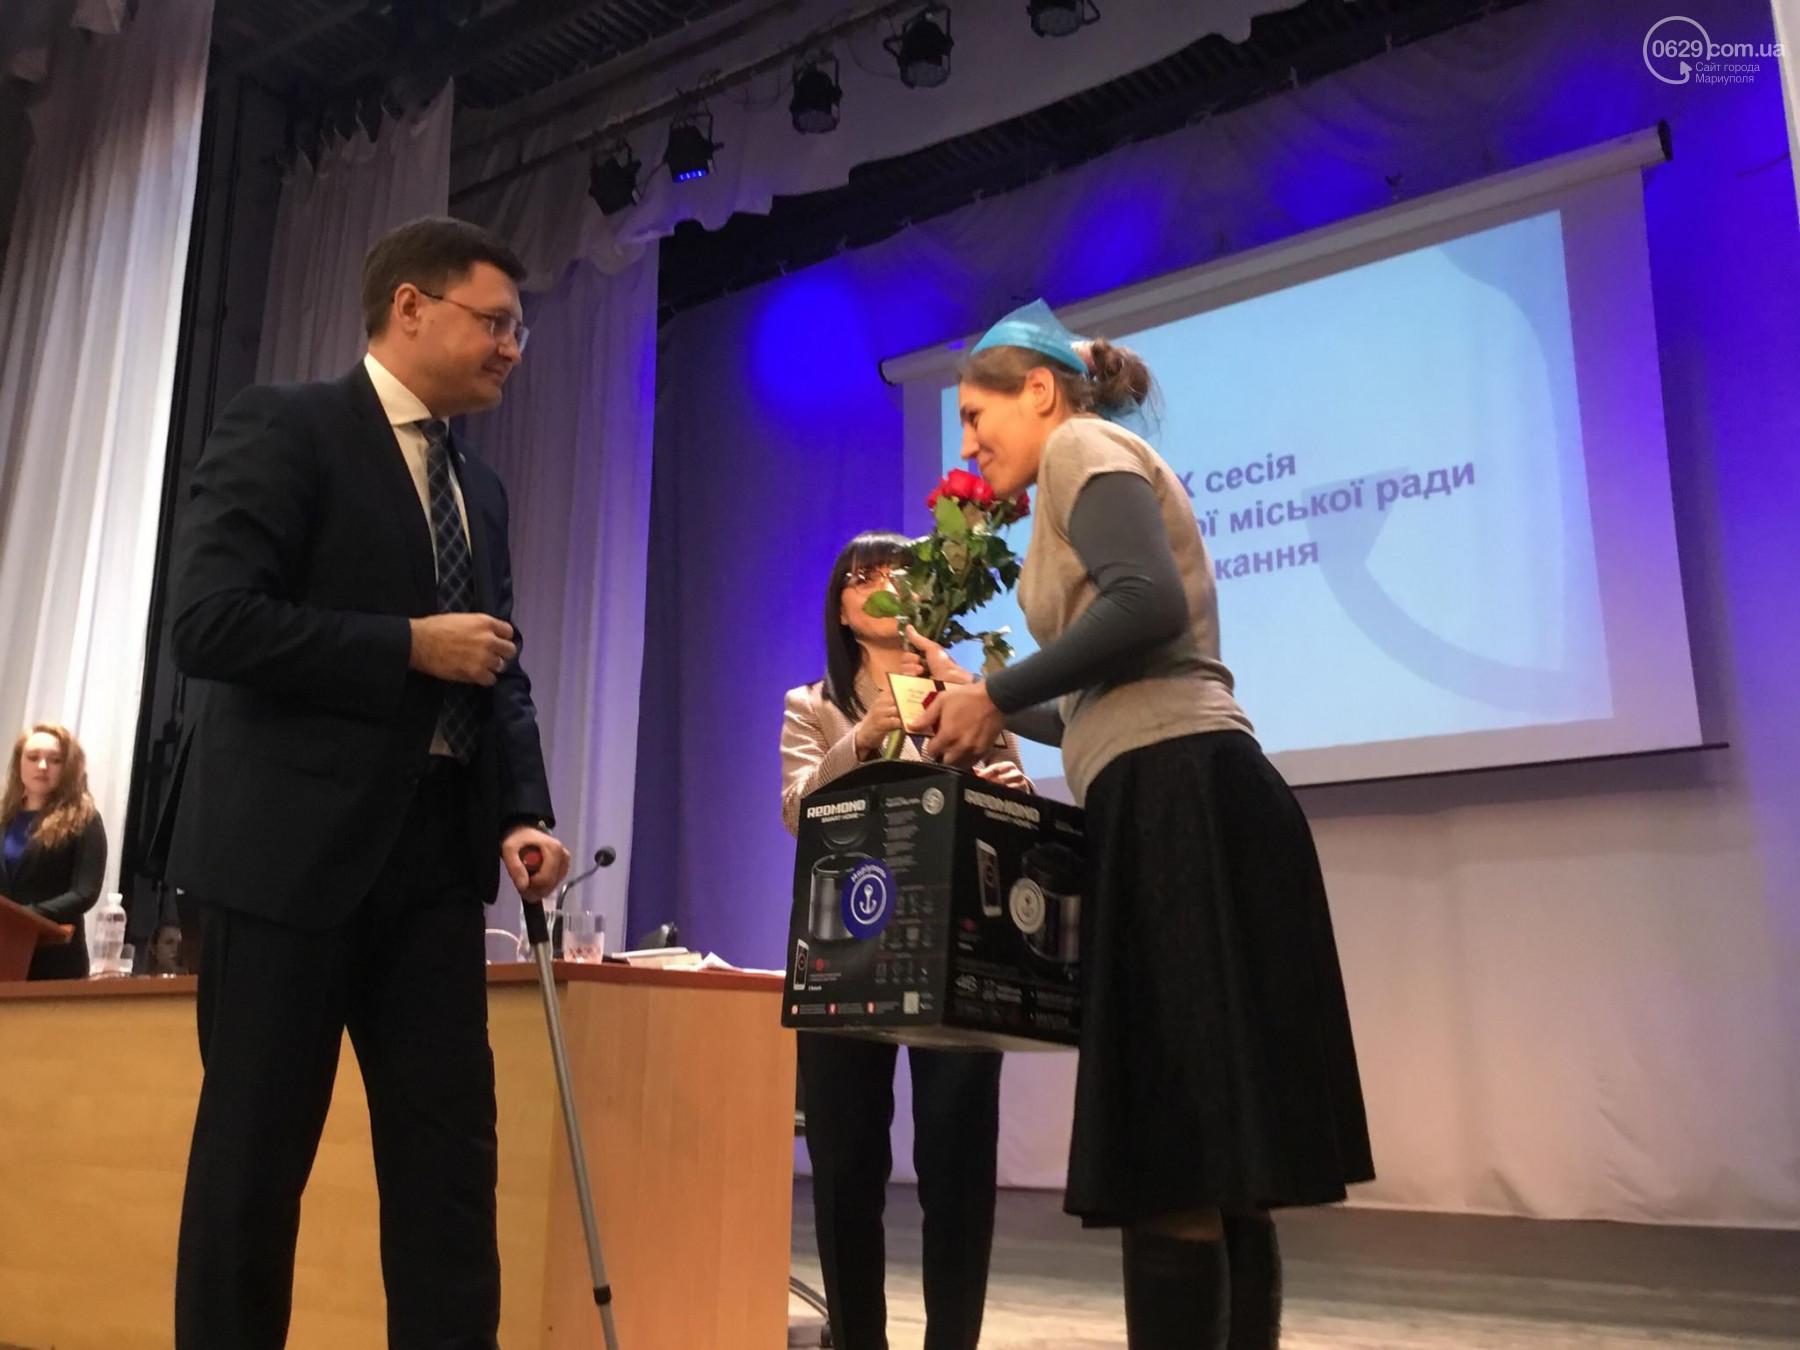 В Мариуполе выдали награды матерям героиням (фото)